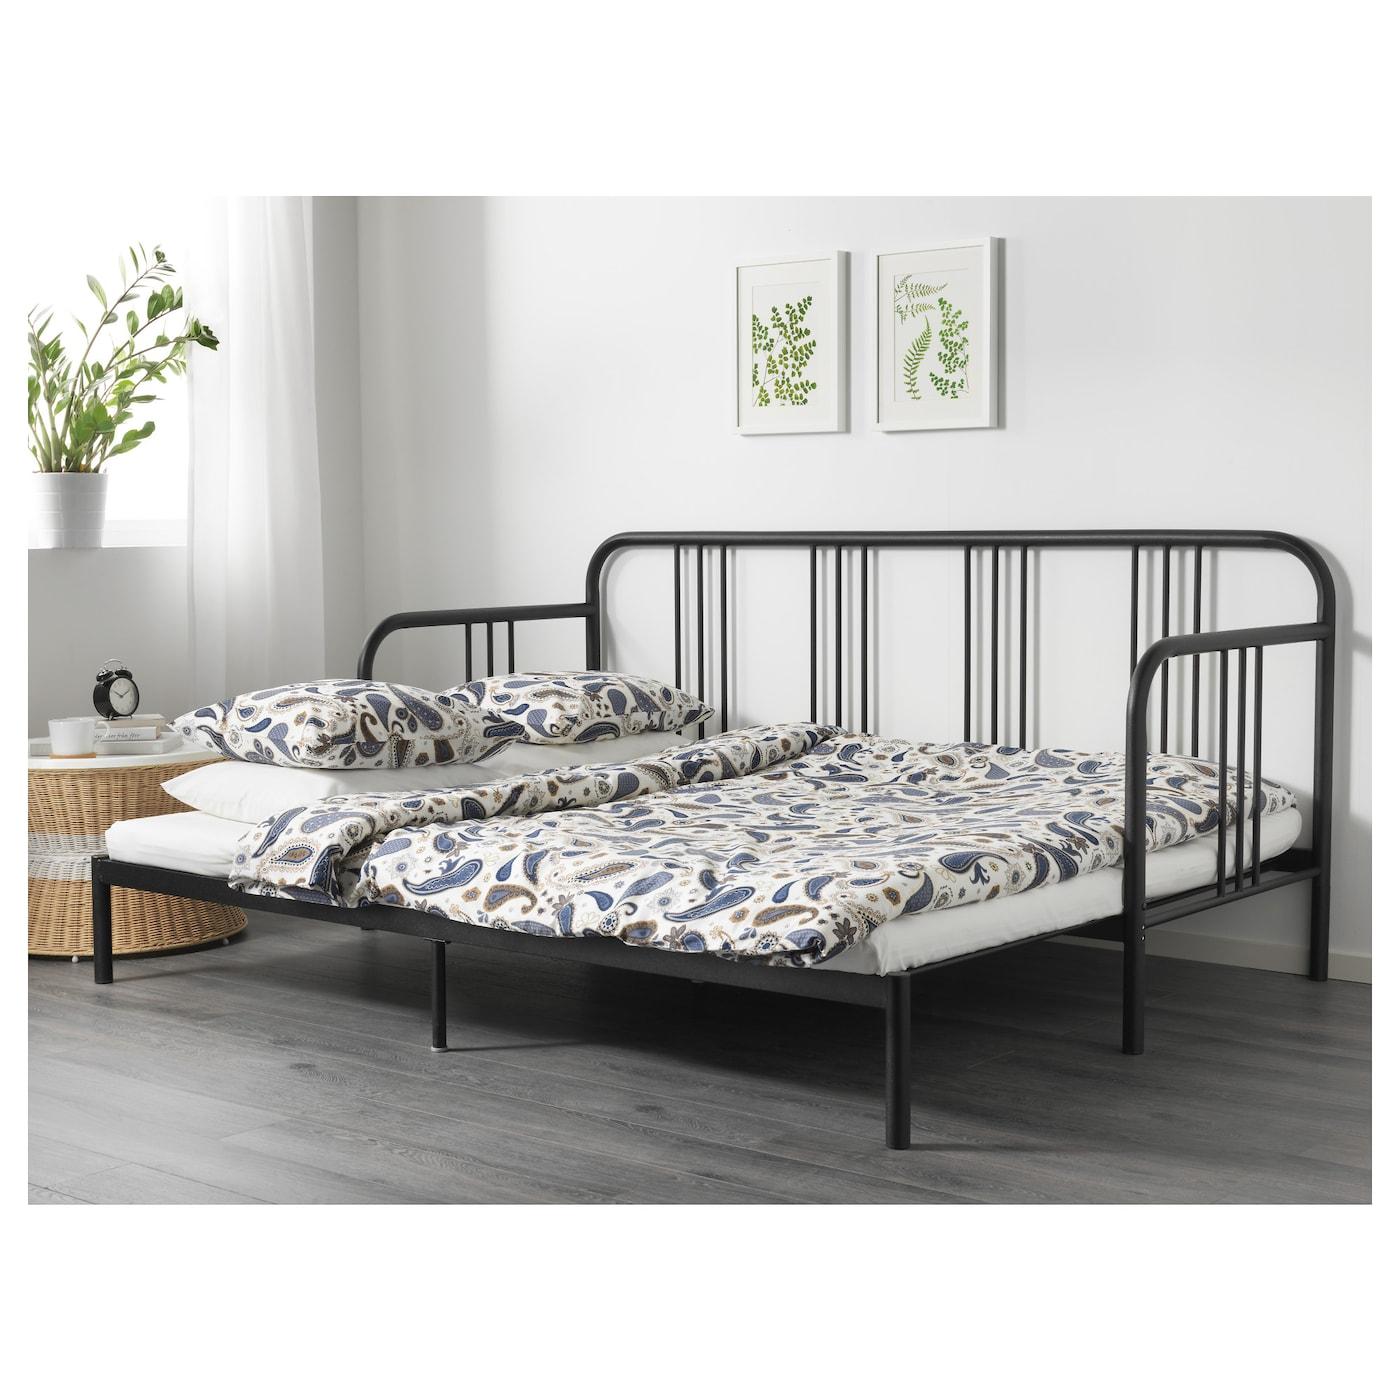 - FYRESDAL Black, Day-bed Frame, 80x200 Cm - IKEA